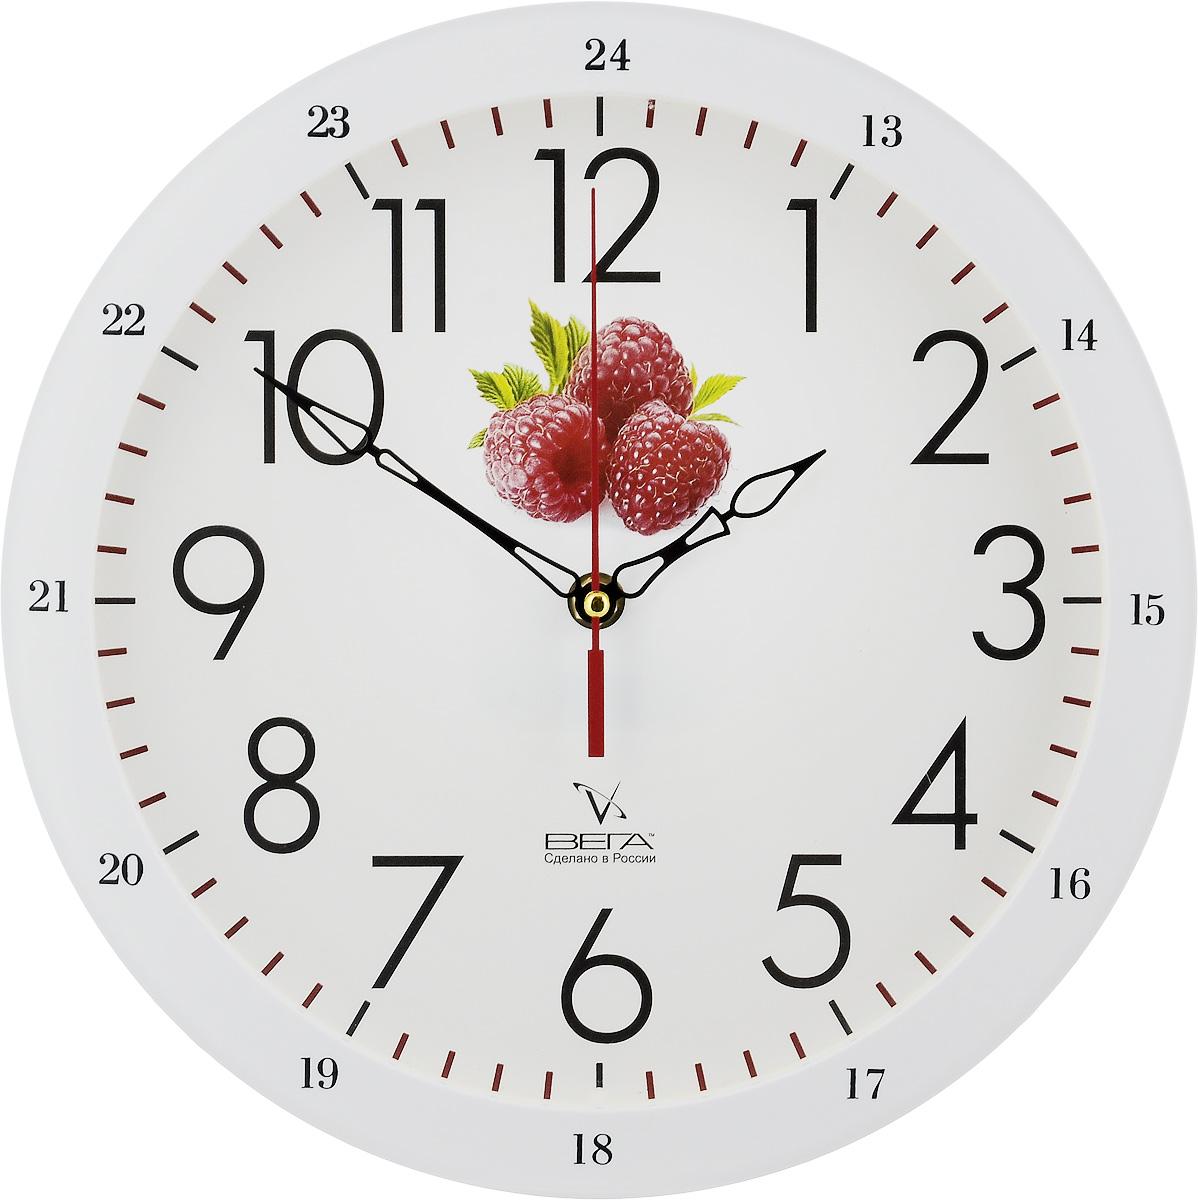 Часы настенные Вега Классика с малиной, диаметр 28,5 смП1-7619/7-31Настенные кварцевые часы Вега Классика с малиной, изготовленные из пластика, прекрасно впишутся в интерьер вашего дома. Круглые часы имеют три стрелки: часовую, минутную и секундную, циферблат защищен прозрачным стеклом. Часы работают от 1 батарейки типа АА напряжением 1,5 В (не входит в комплект). Диаметр часов: 28,5 см.